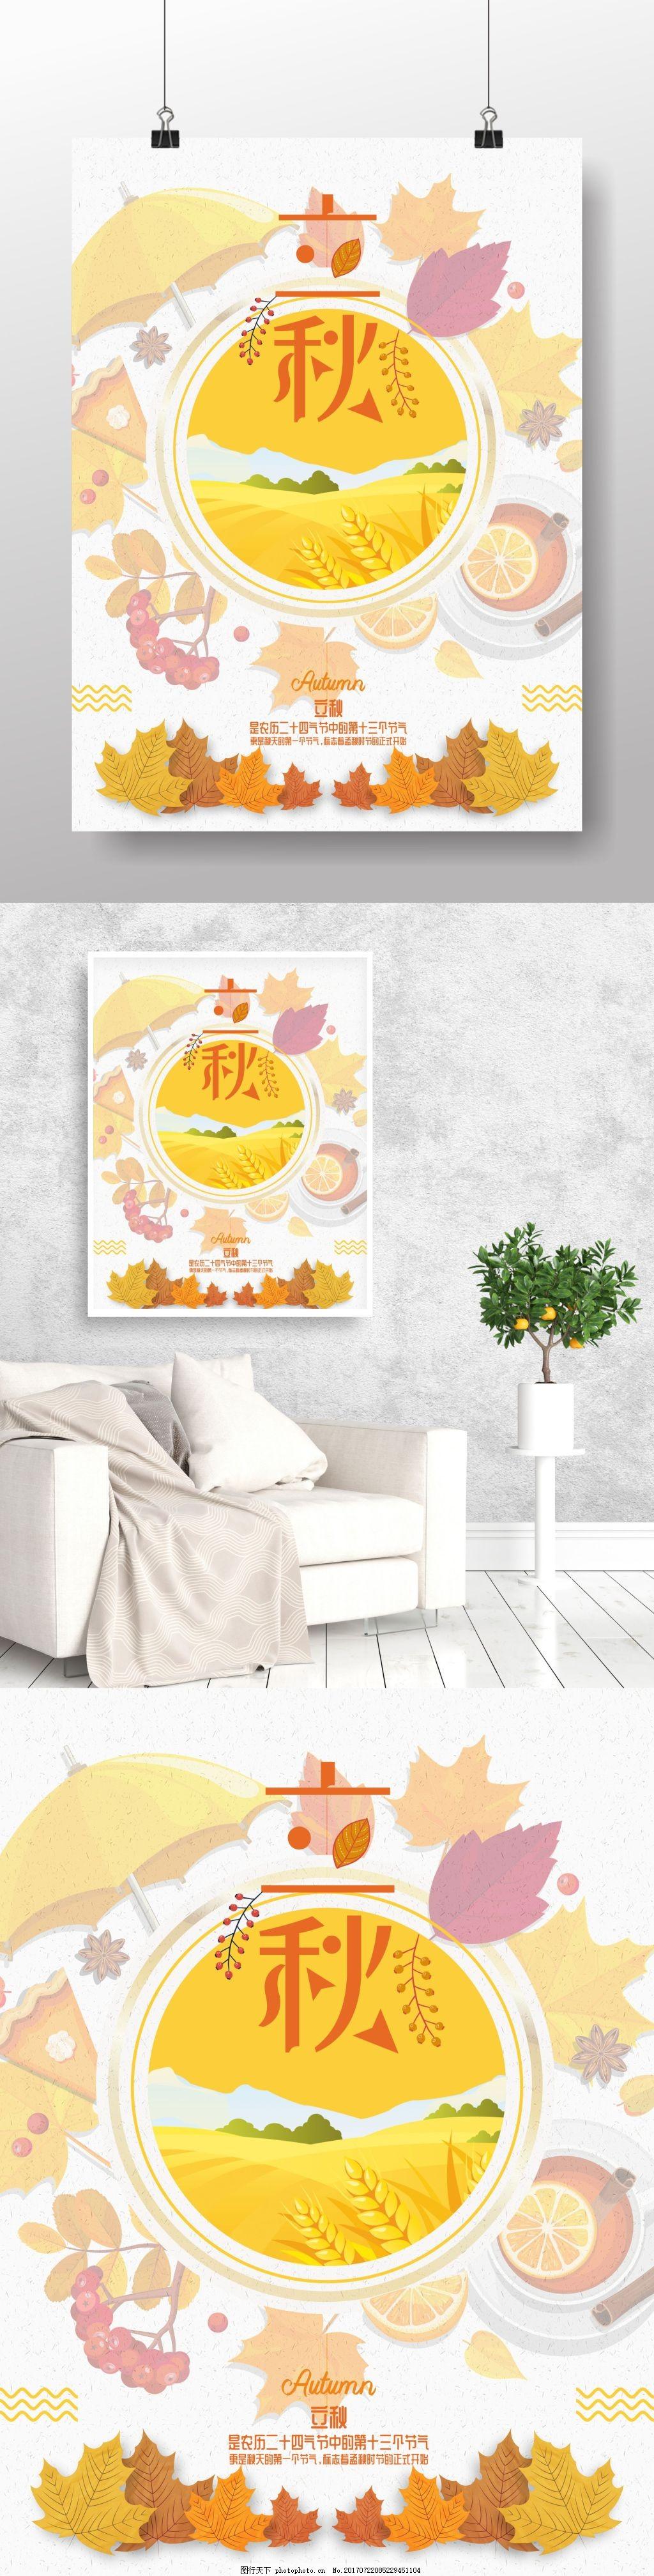 二十四节气立秋海报 秋季海报 寒露 处暑 小清新促销海报 相约八月